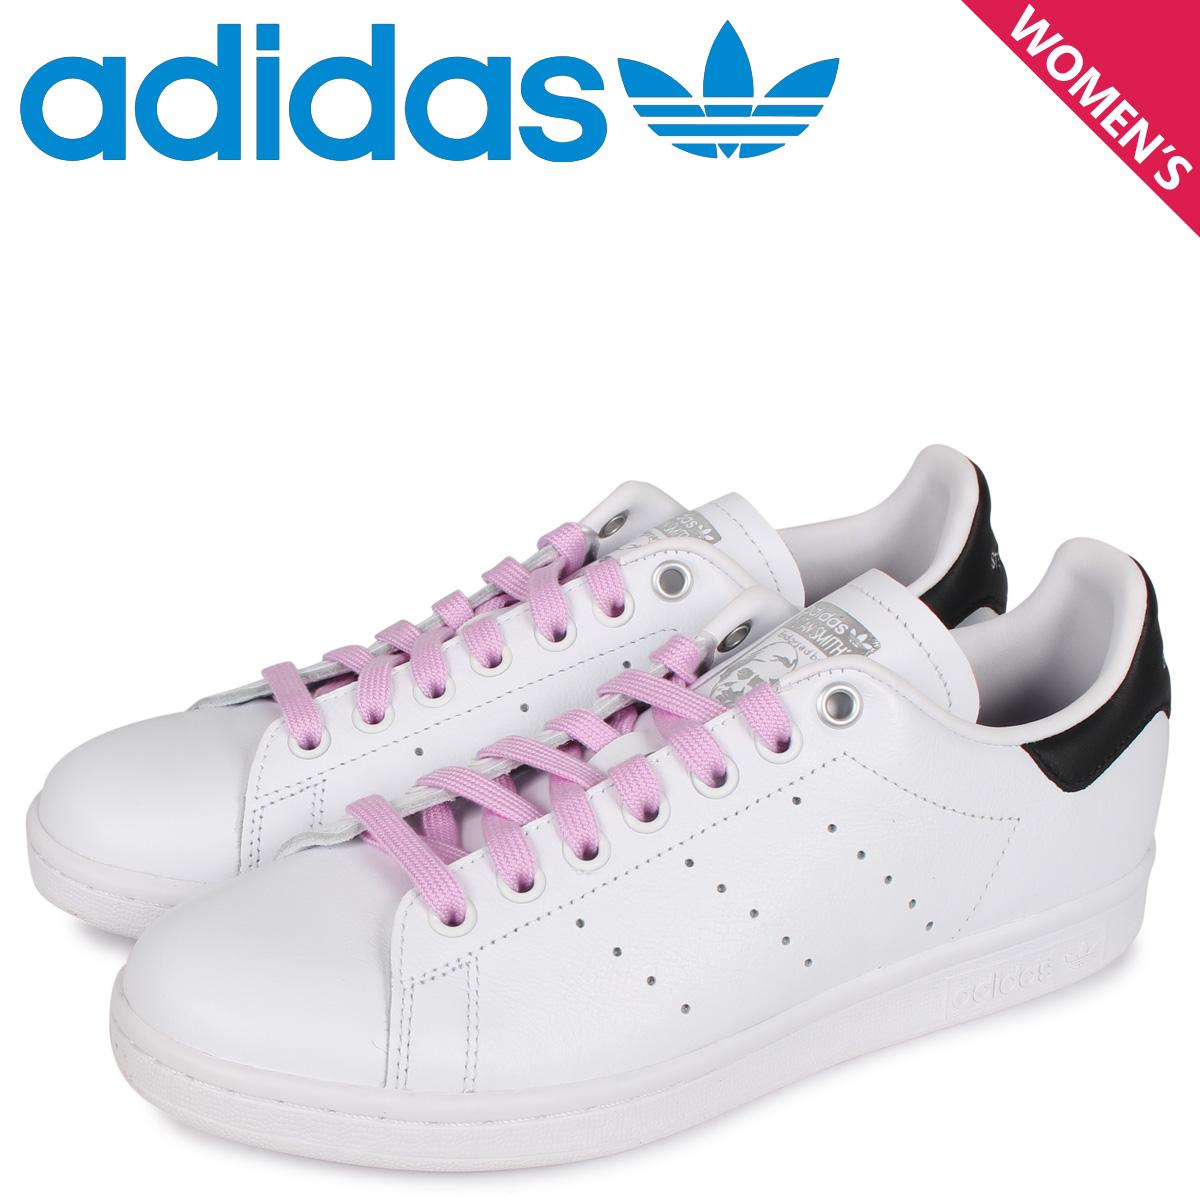 adidas Originals アディダス オリジナルス スタンスミス スニーカー レディース STAN SMITH ホワイト 白 EH2039 [3/6 新入荷]